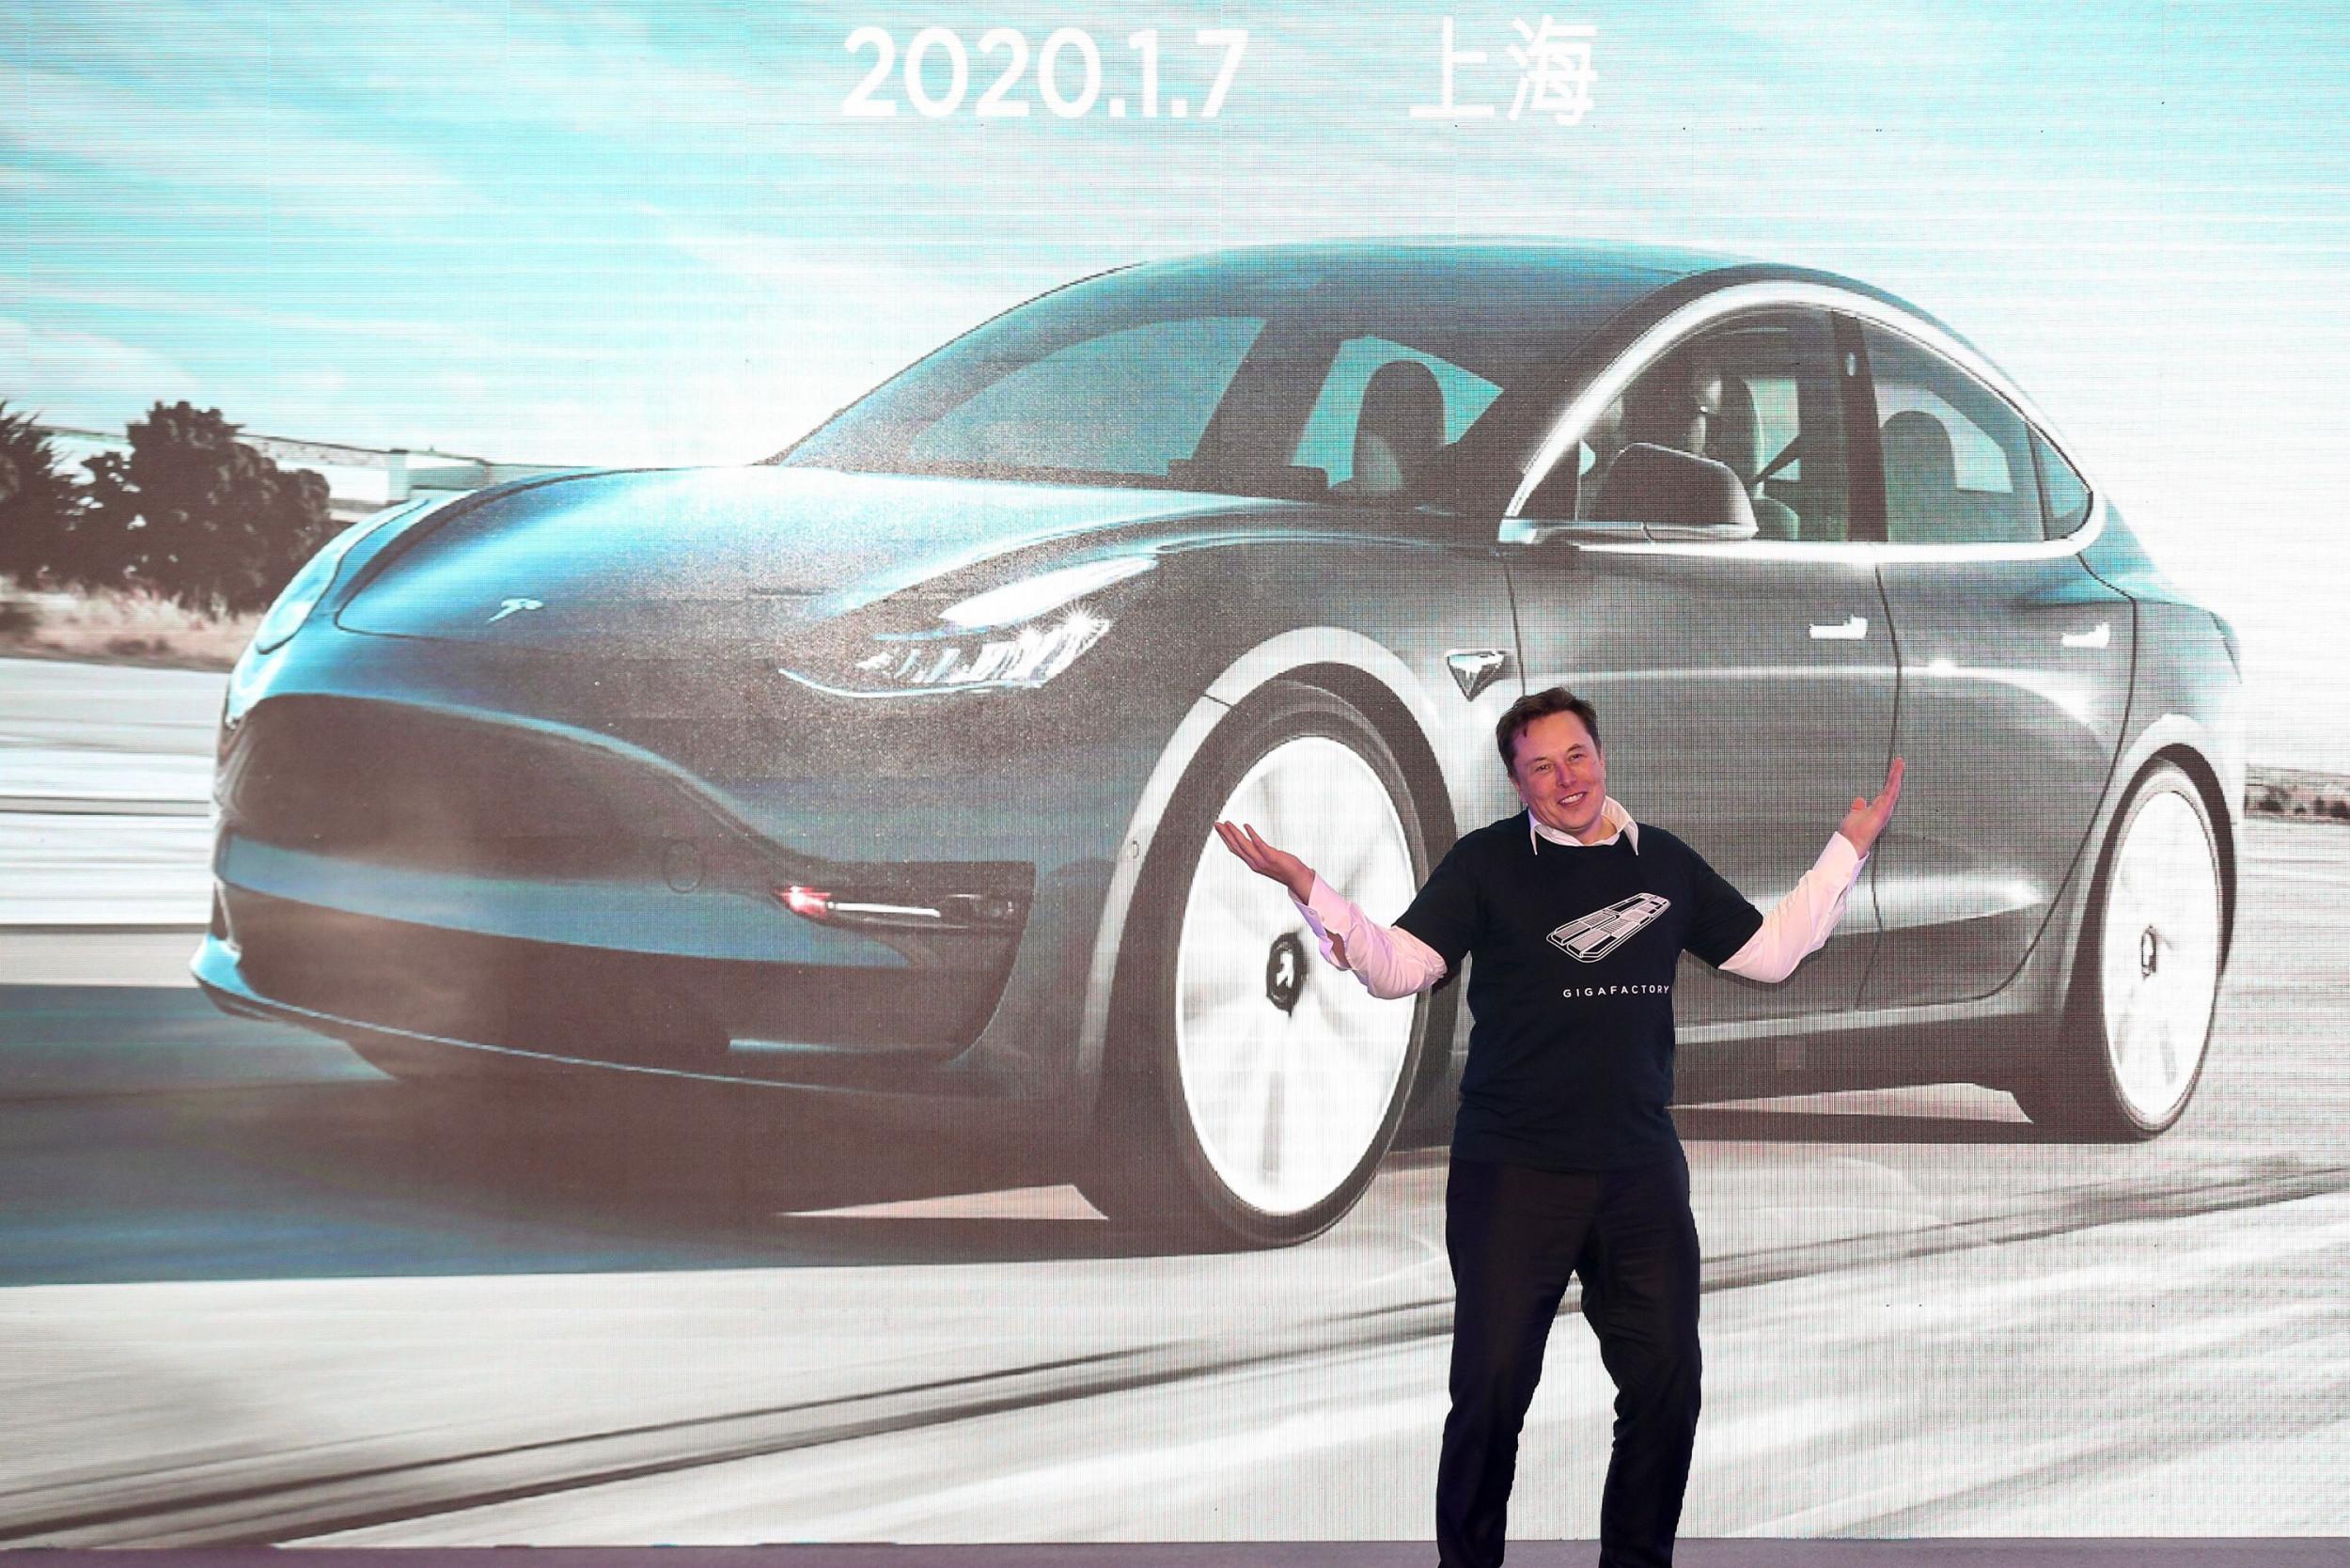 На фоне успехов Tesla Маск высмеял в твиттере SEC, пообещав пошить «Комиссии по обогащению шортселлеров» красные атласные шорты»